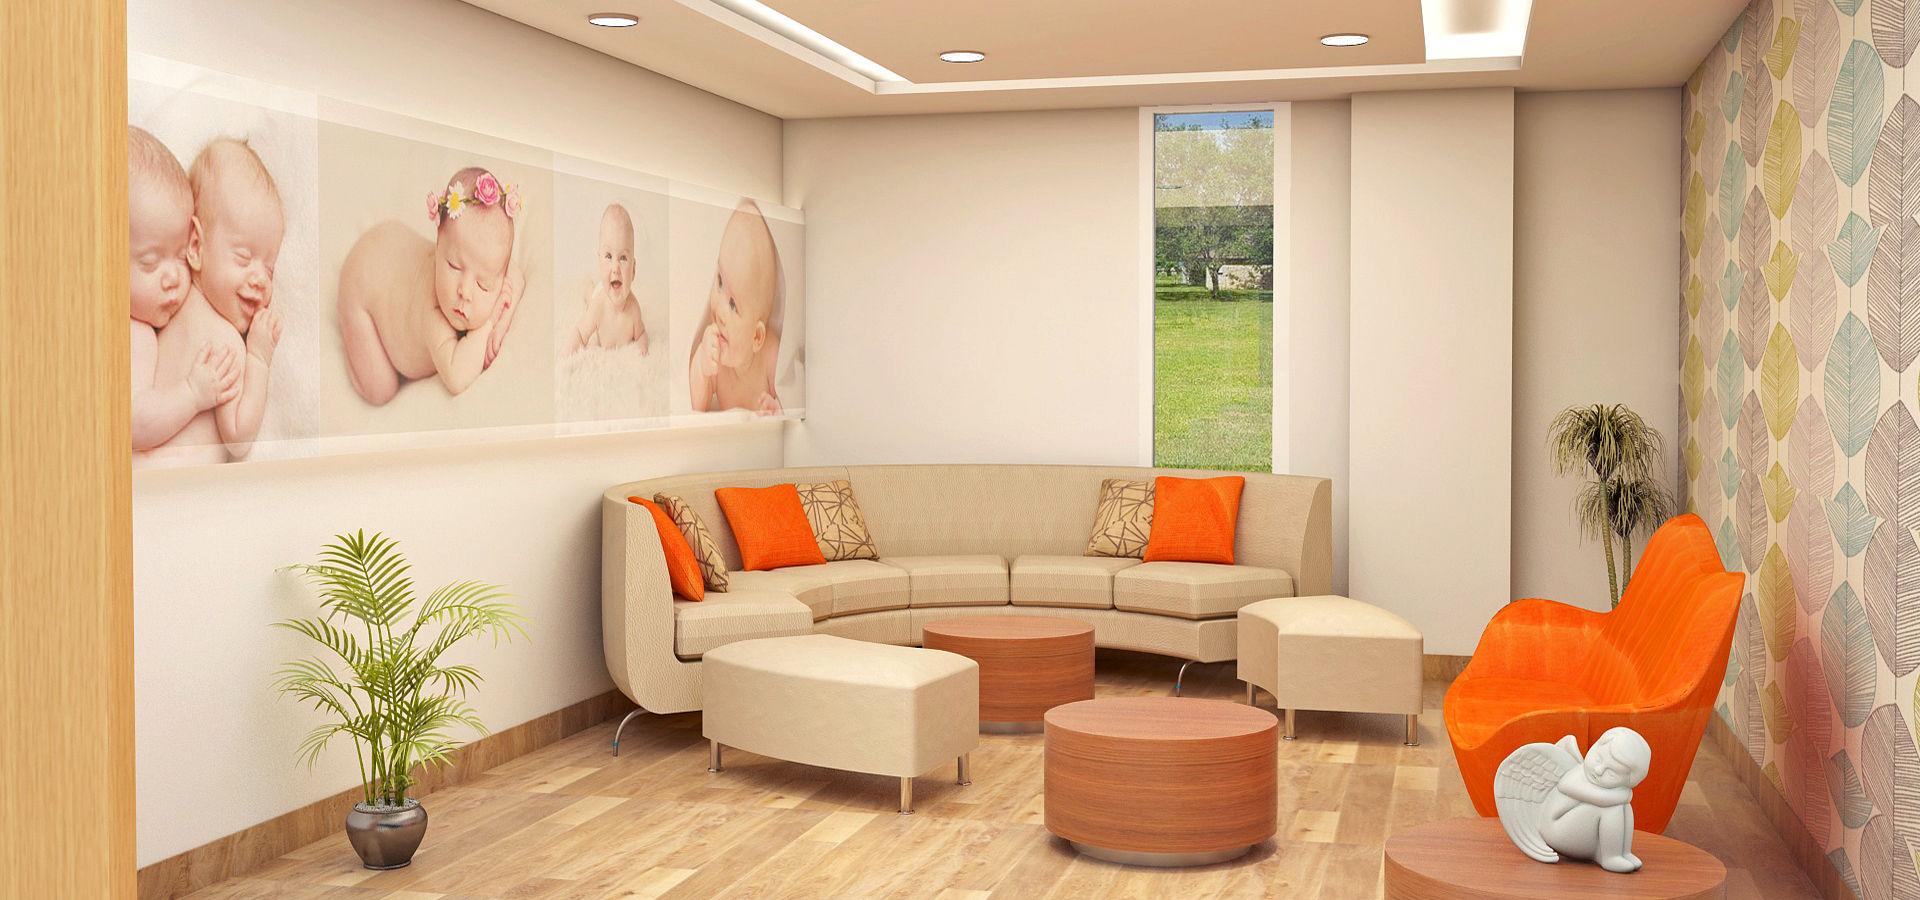 Medicover fertility Center